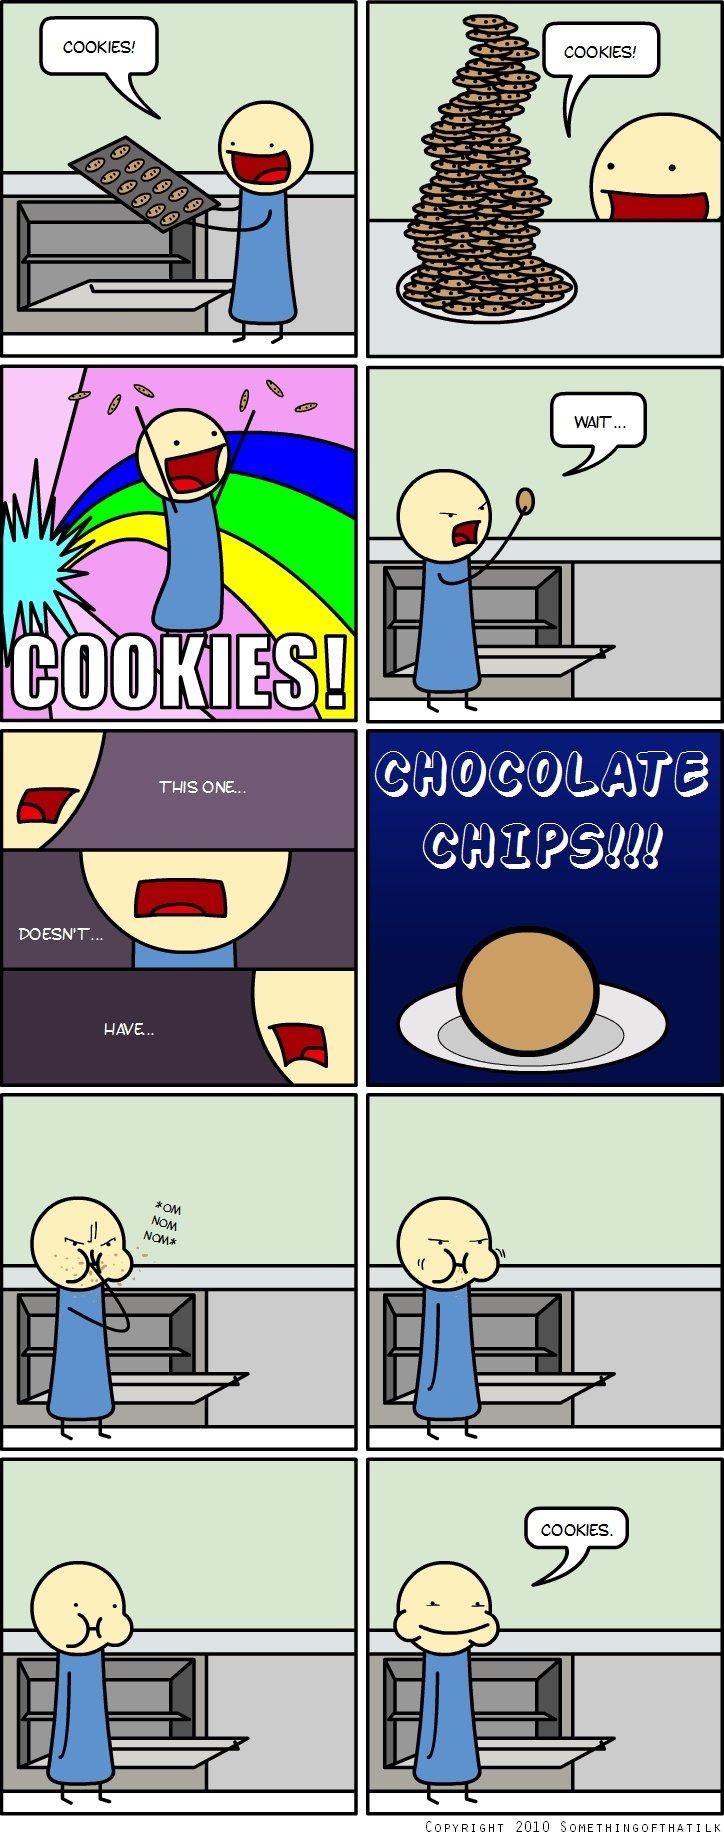 cookies. Dedz to Somethingofthatilk.